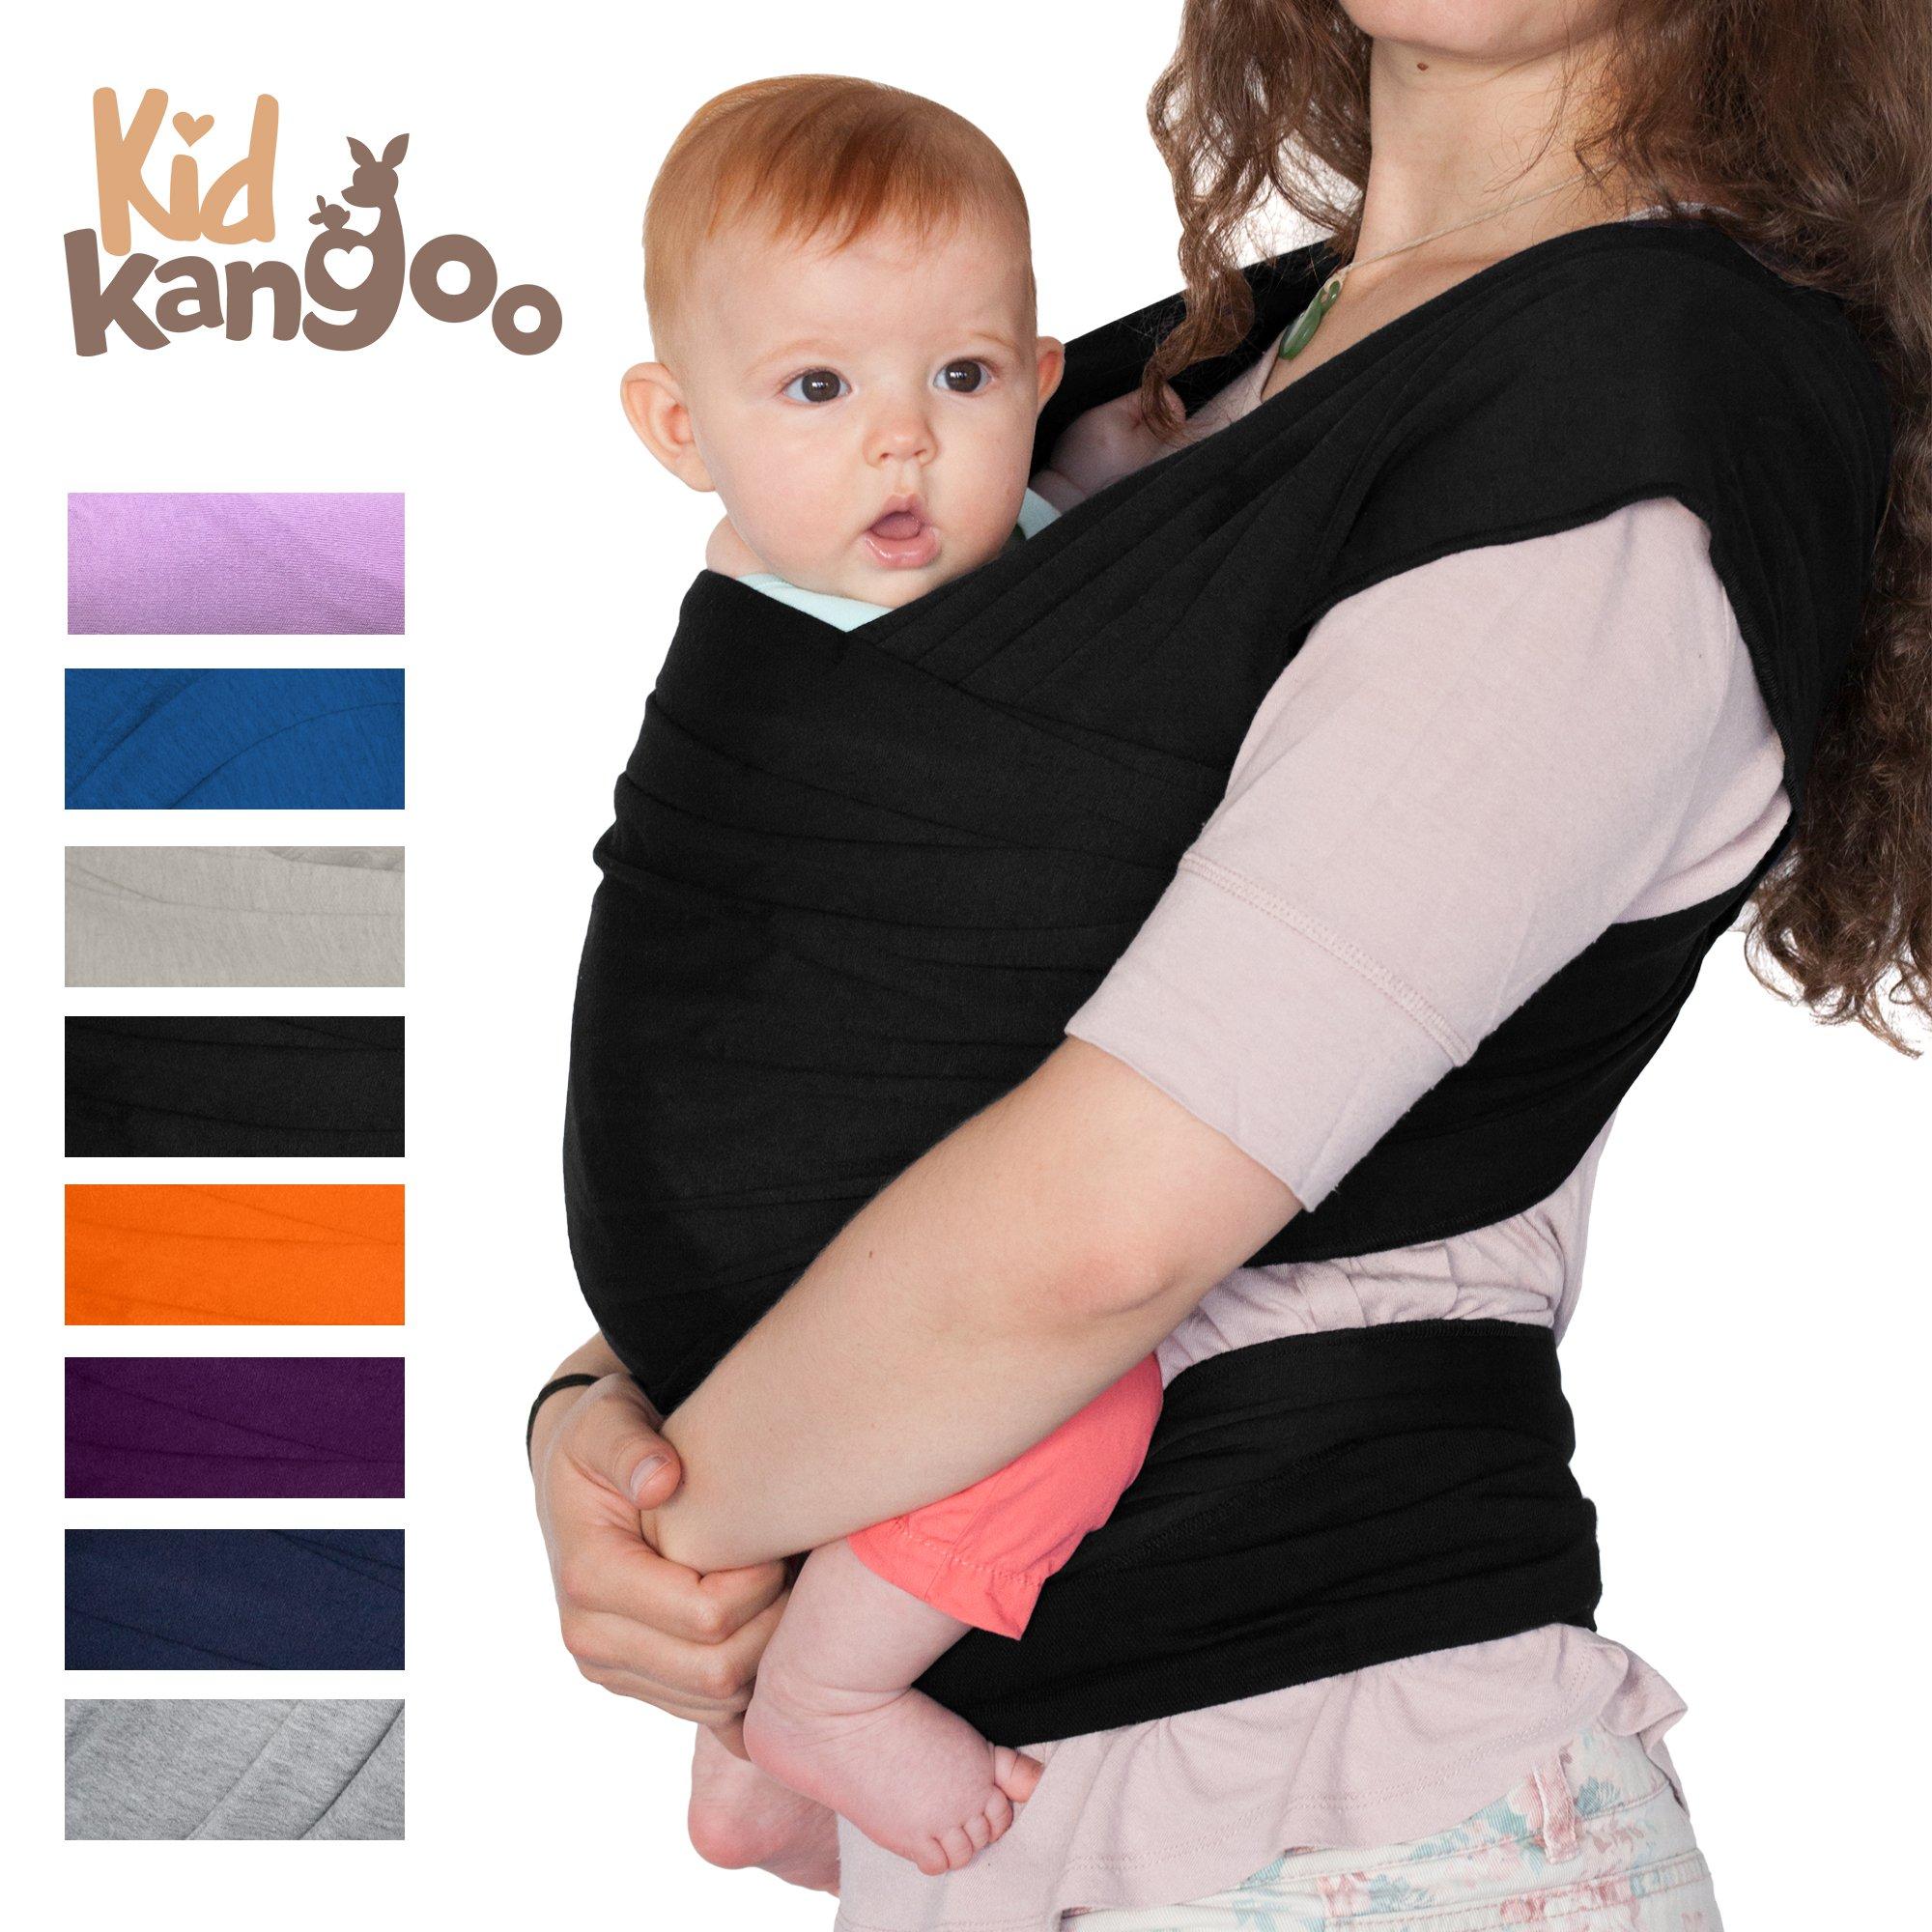 Fular portabebés elástico para transportar a tú bebé – Pañuelo portabebé de algodón y lycra –